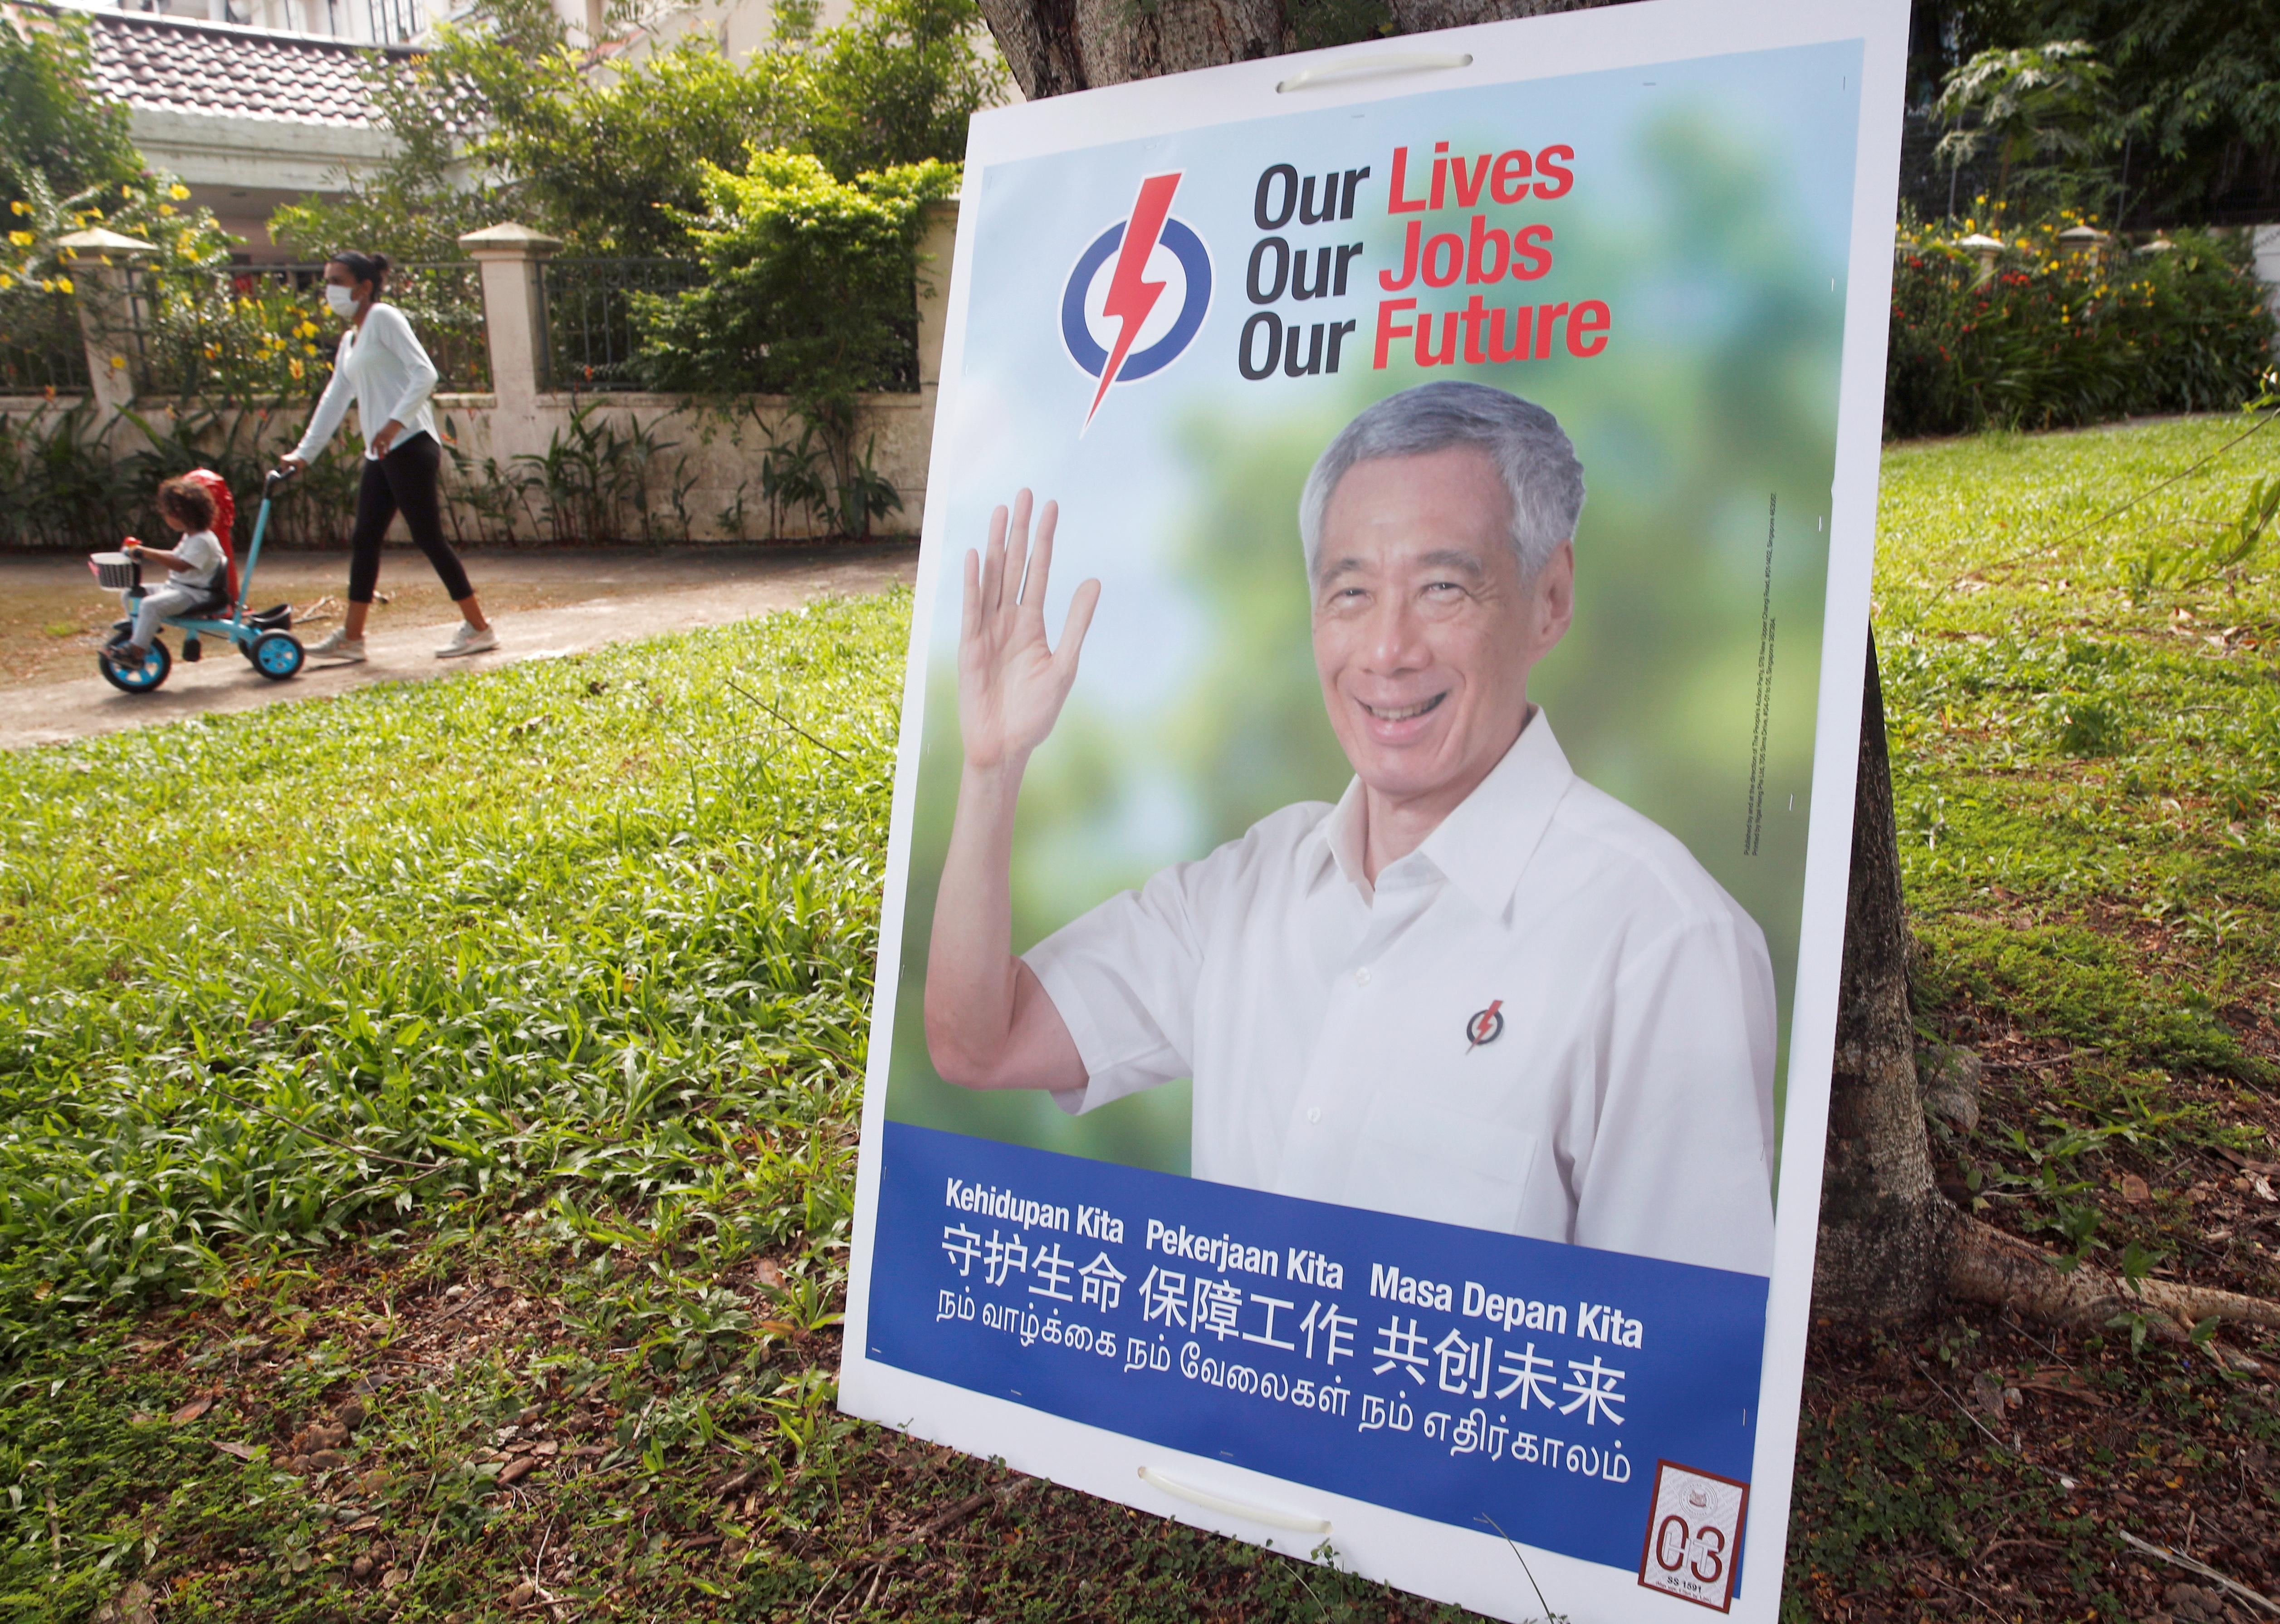 新加坡第13届大选选战开跑,这次共有11个政党、192名候选人角逐全国31个选区的93个议席。-路透社-